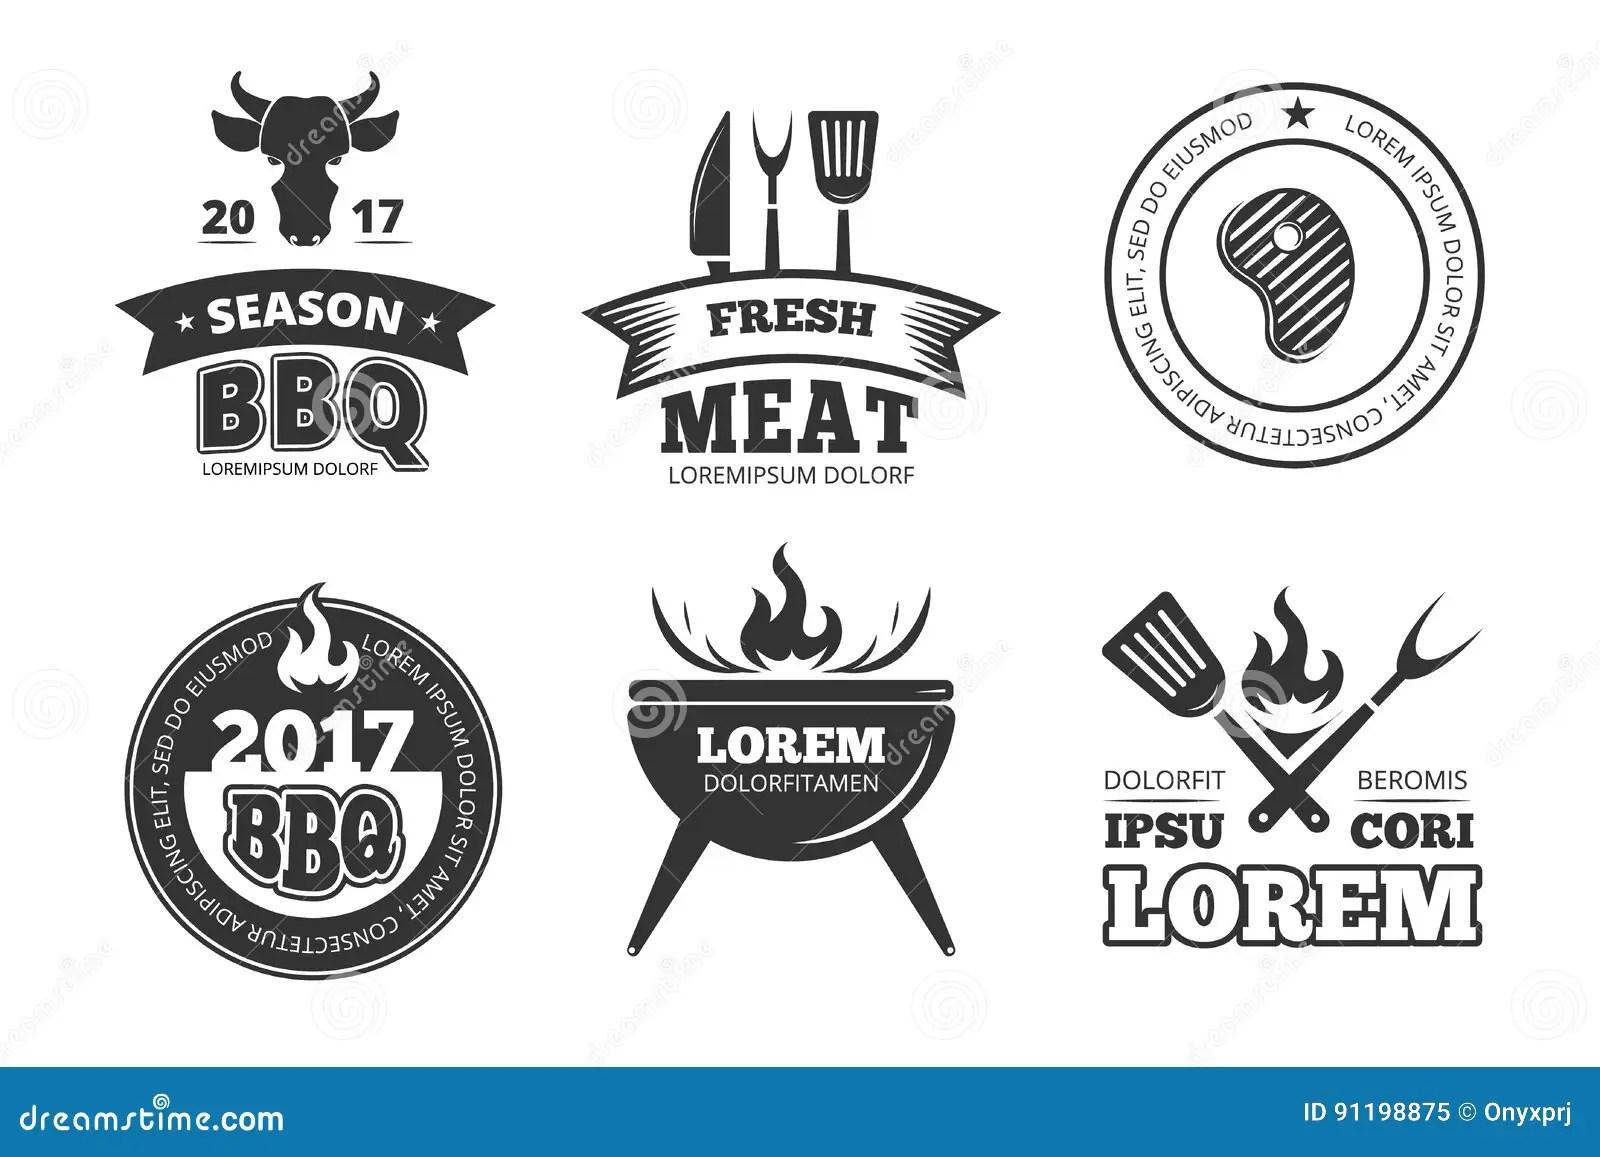 Grill Steak Restaurant Logo Vector Vector Illustration